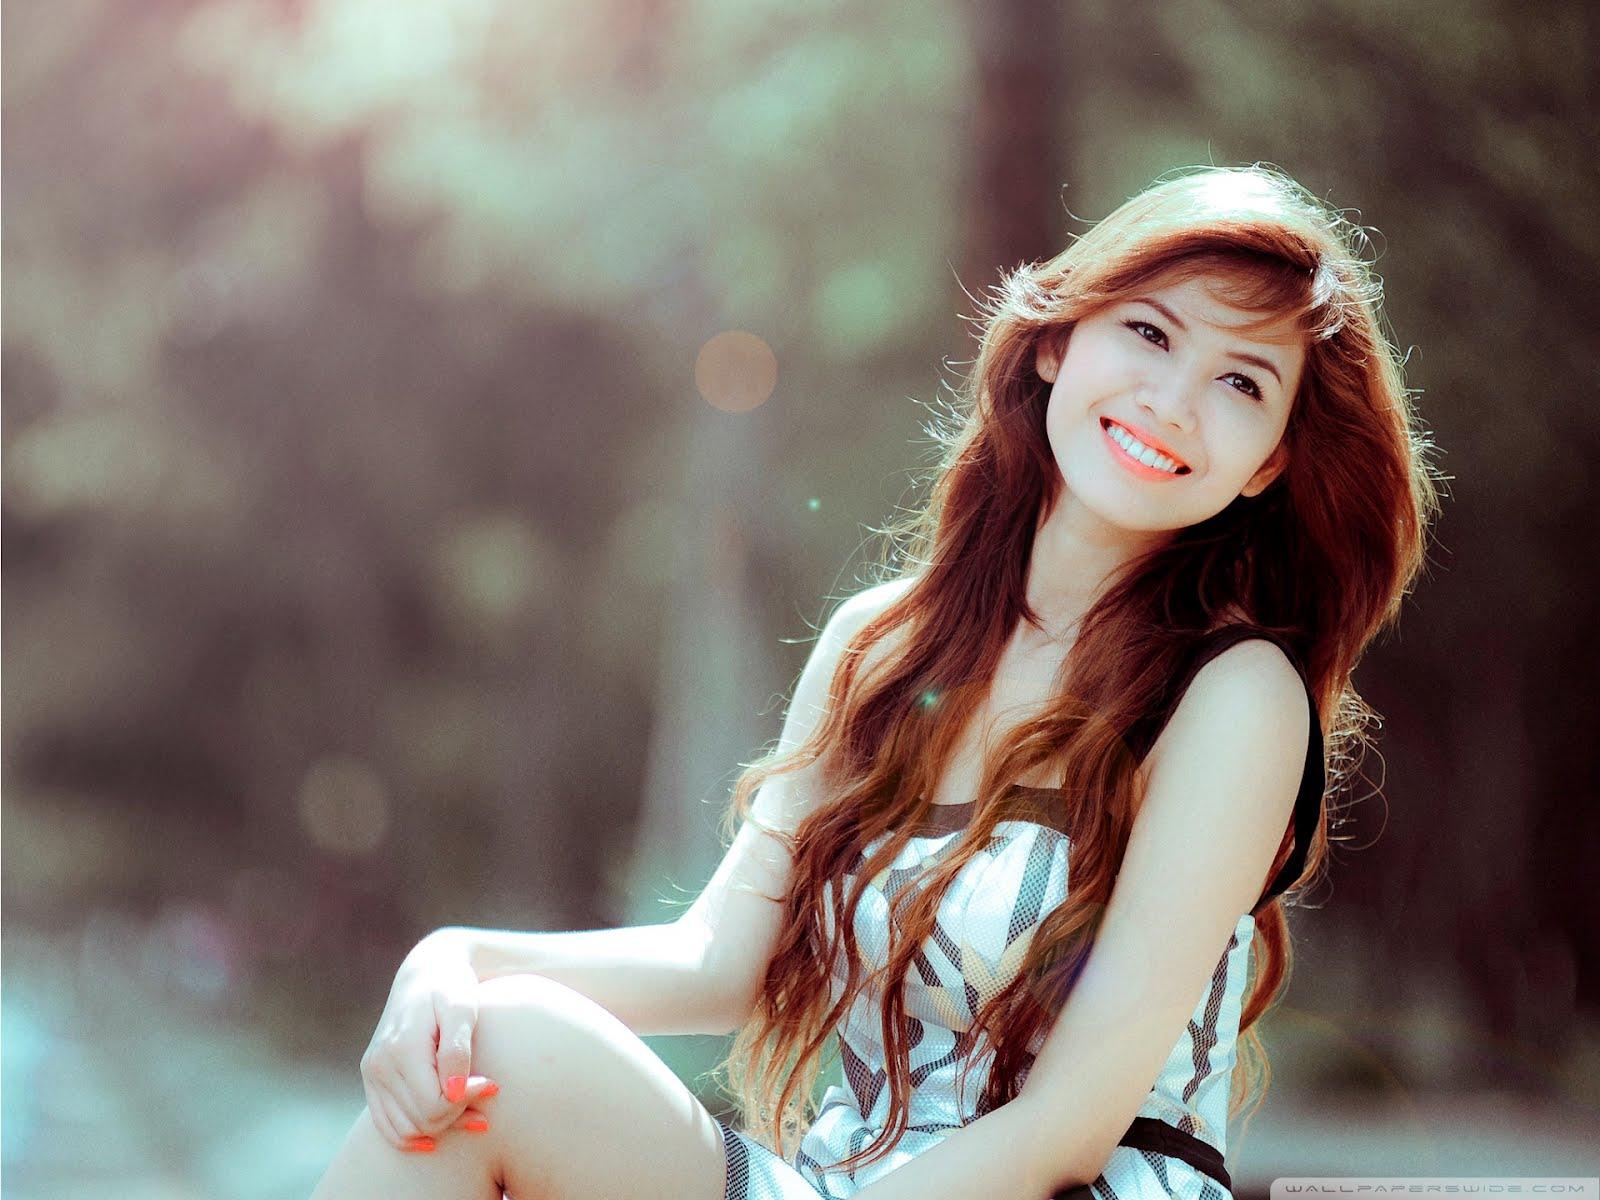 Girl Wallpaper HD - WallpaperSafari